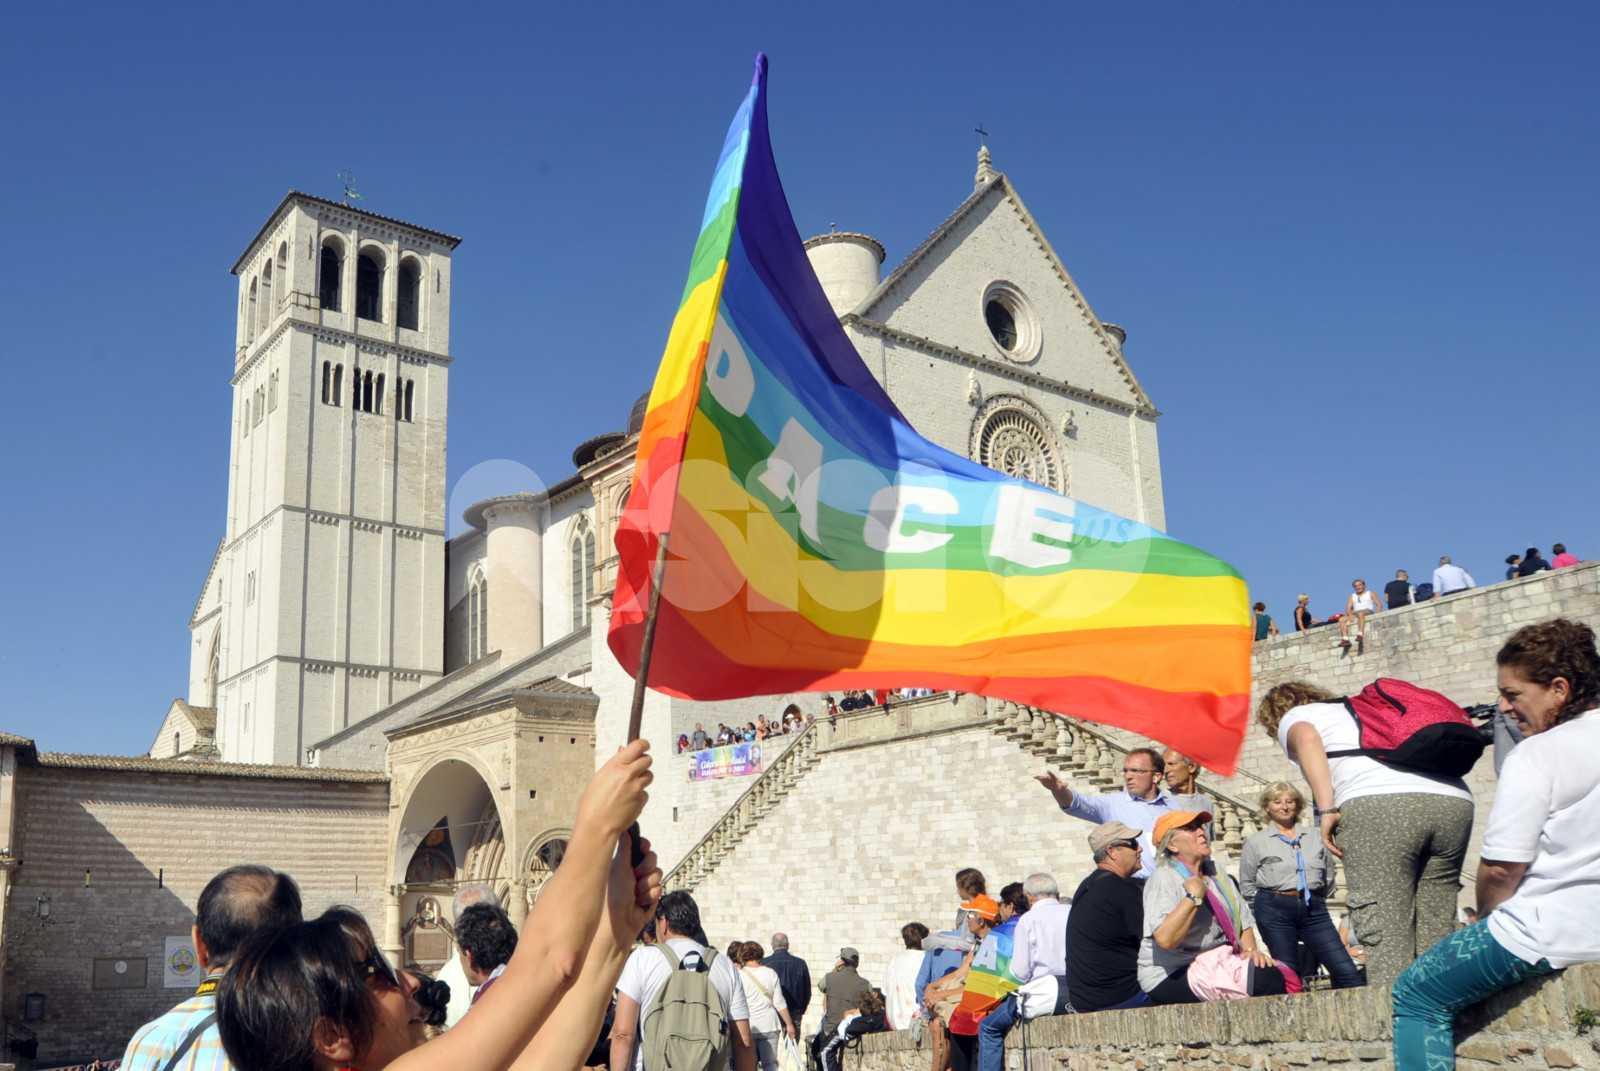 IL RUGGITO DELLA DOMENICA / Perché oggi ad Assisi?